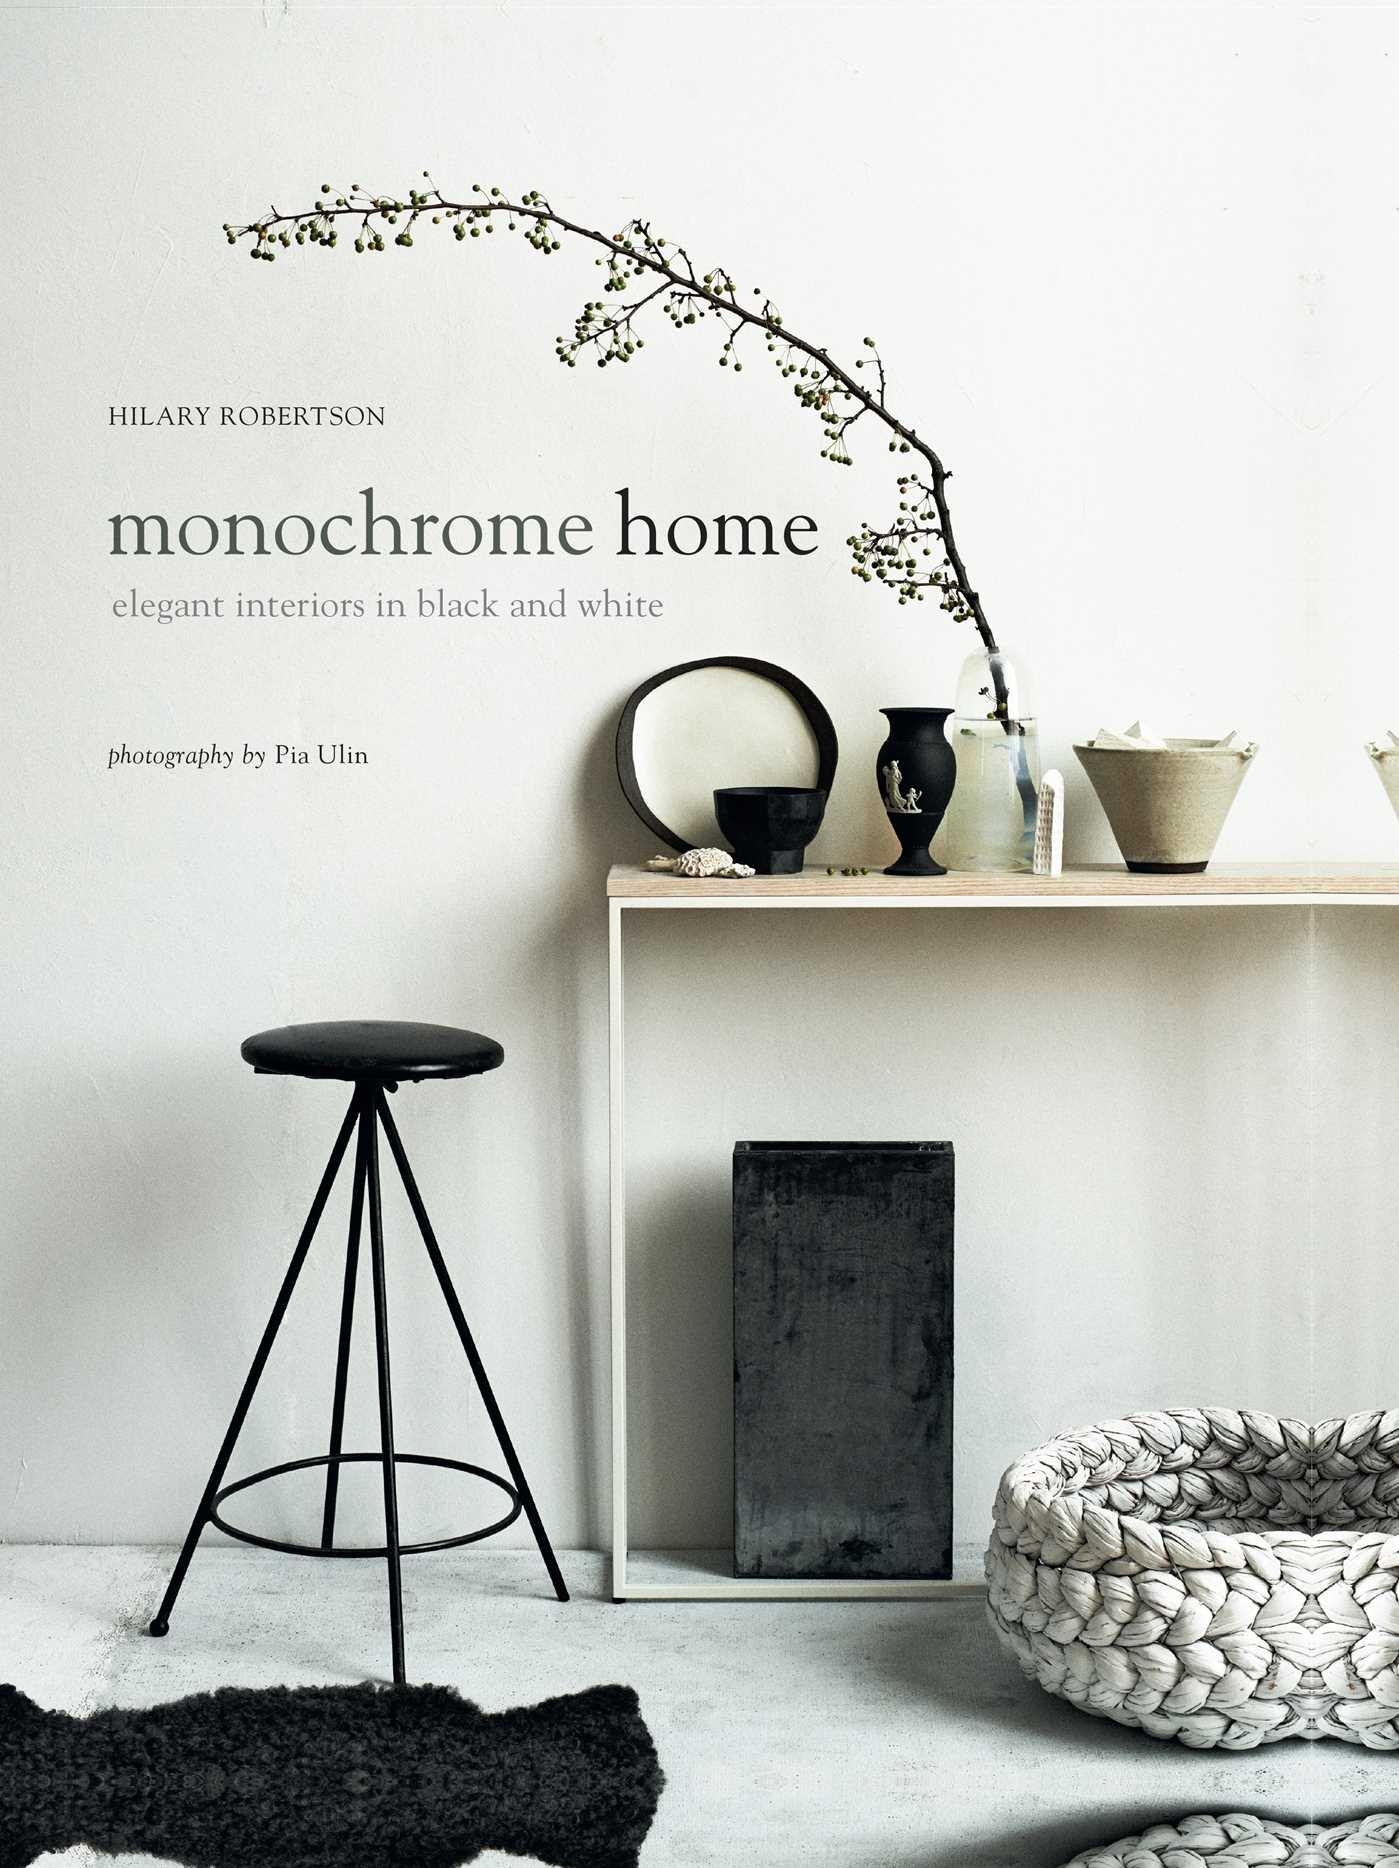 Monochrome Home design book